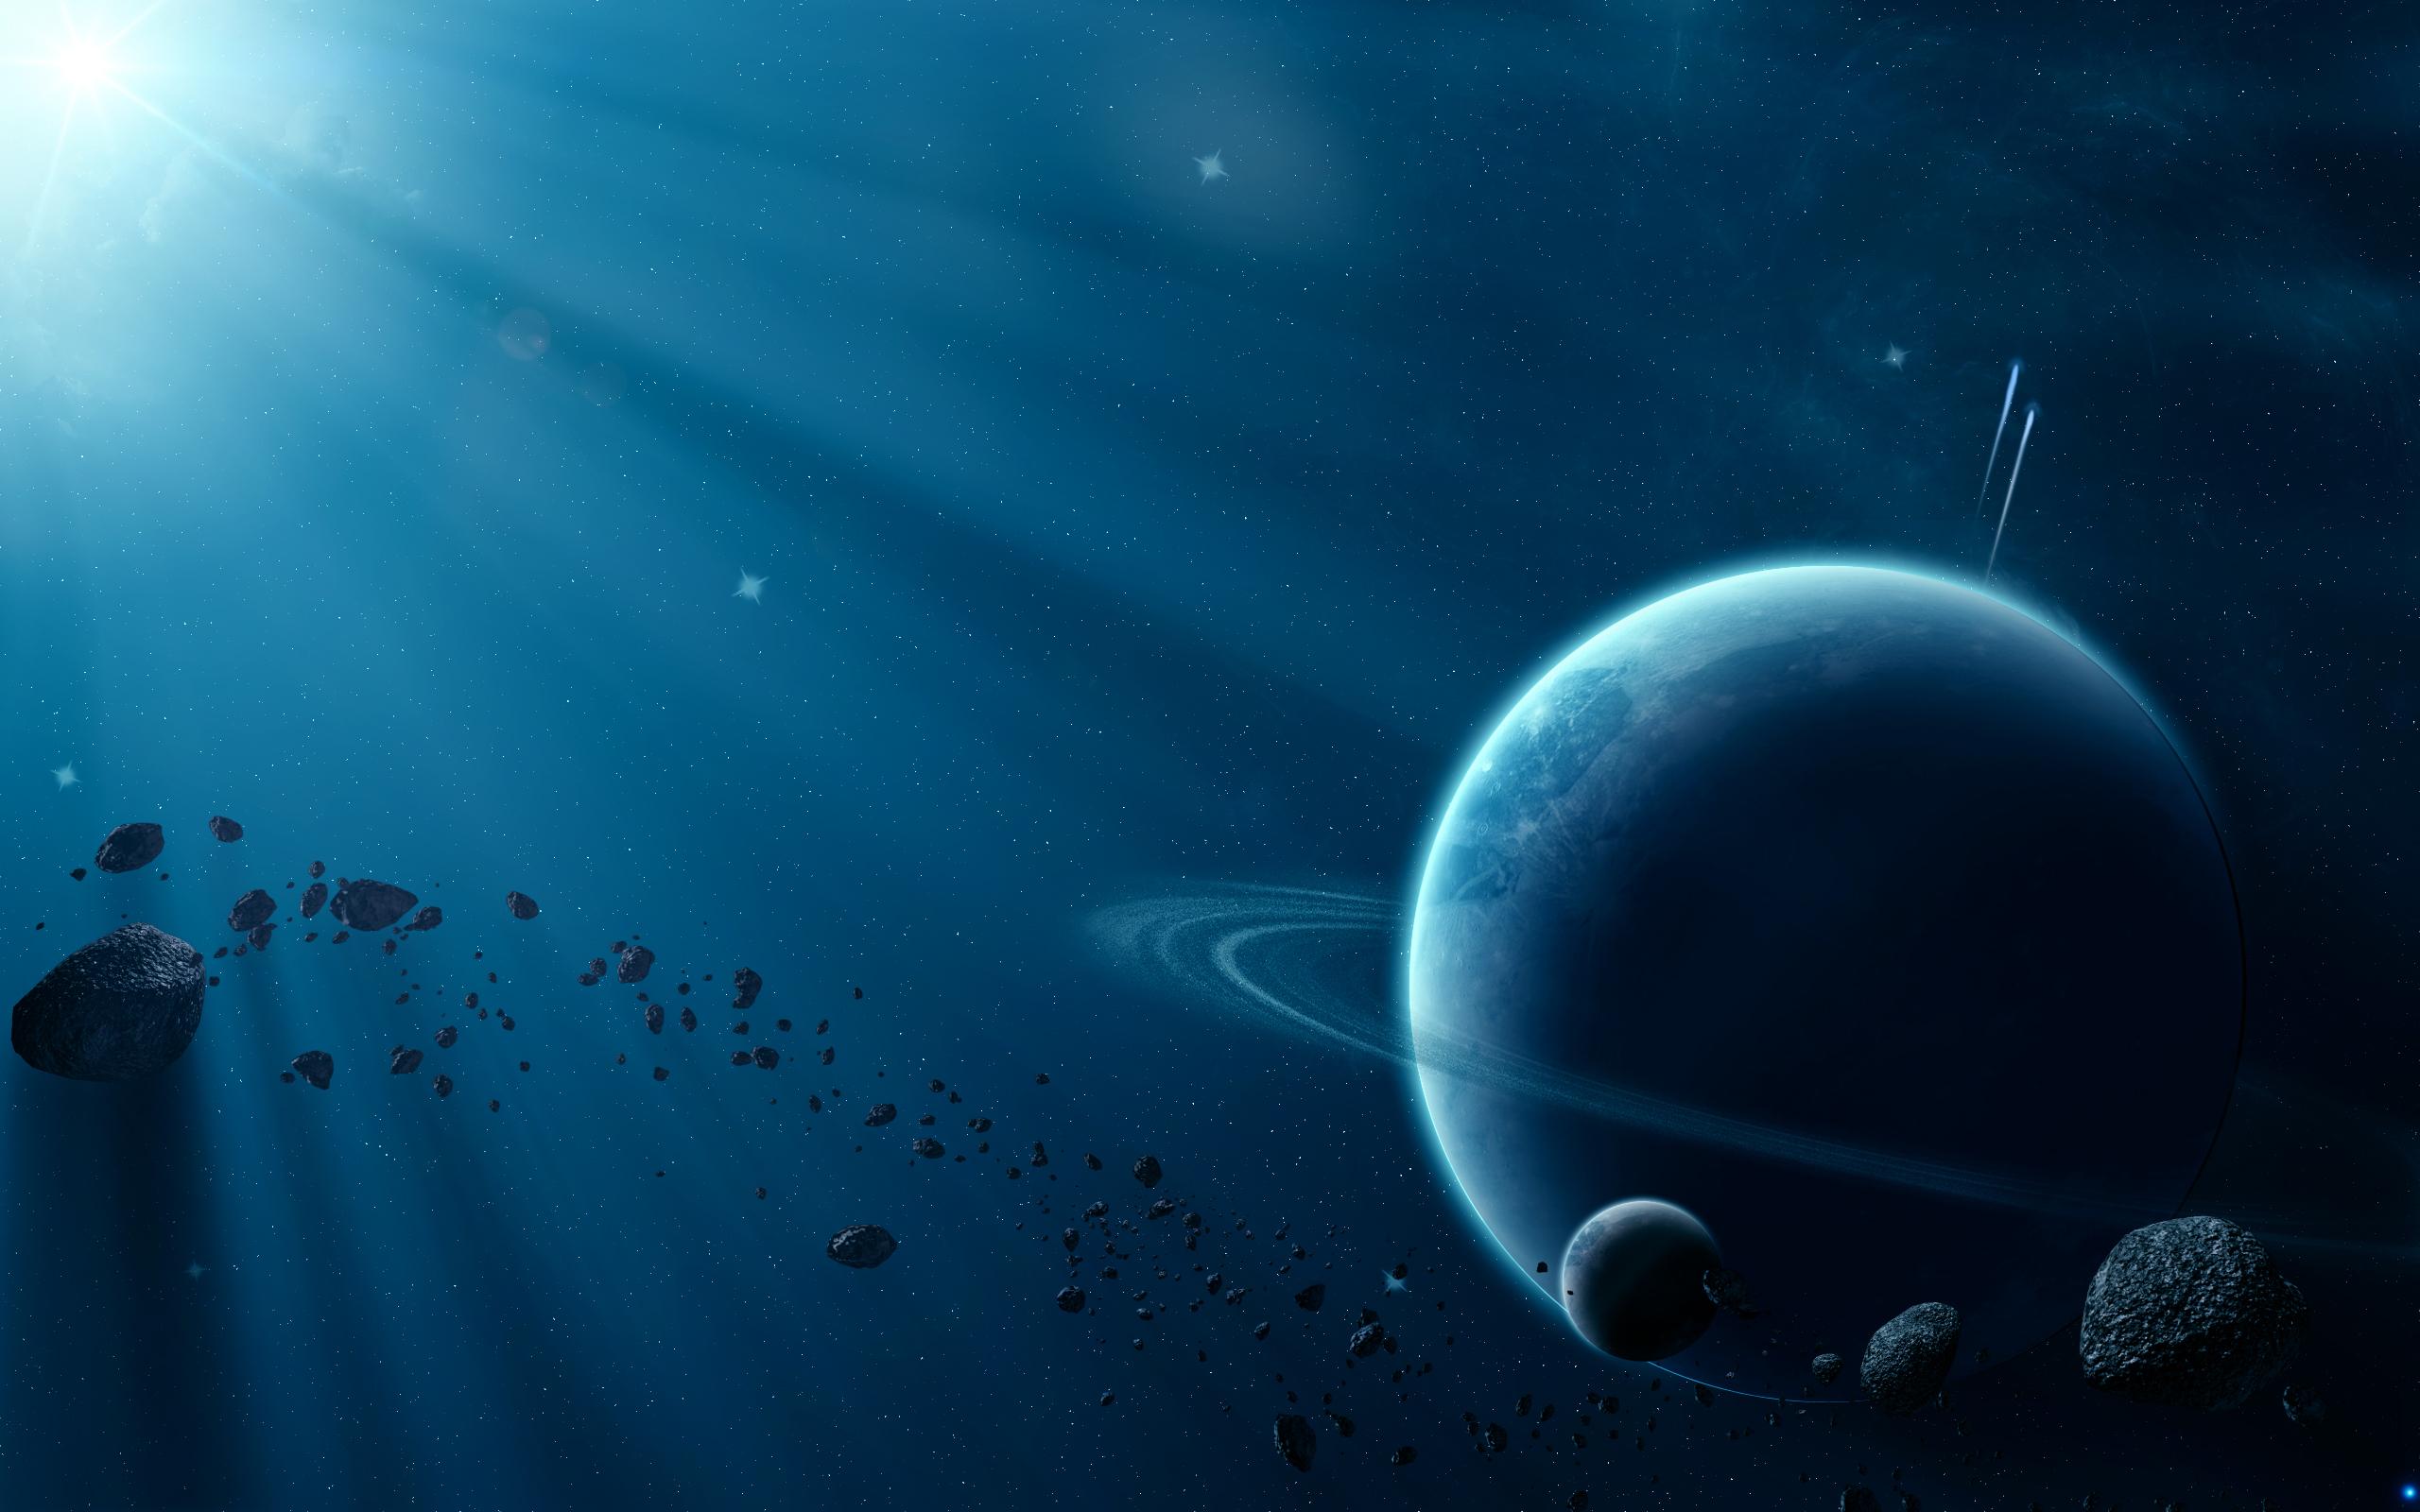 Обои планета вселенная картинки на рабочий стол на тему Космос - скачать скачать